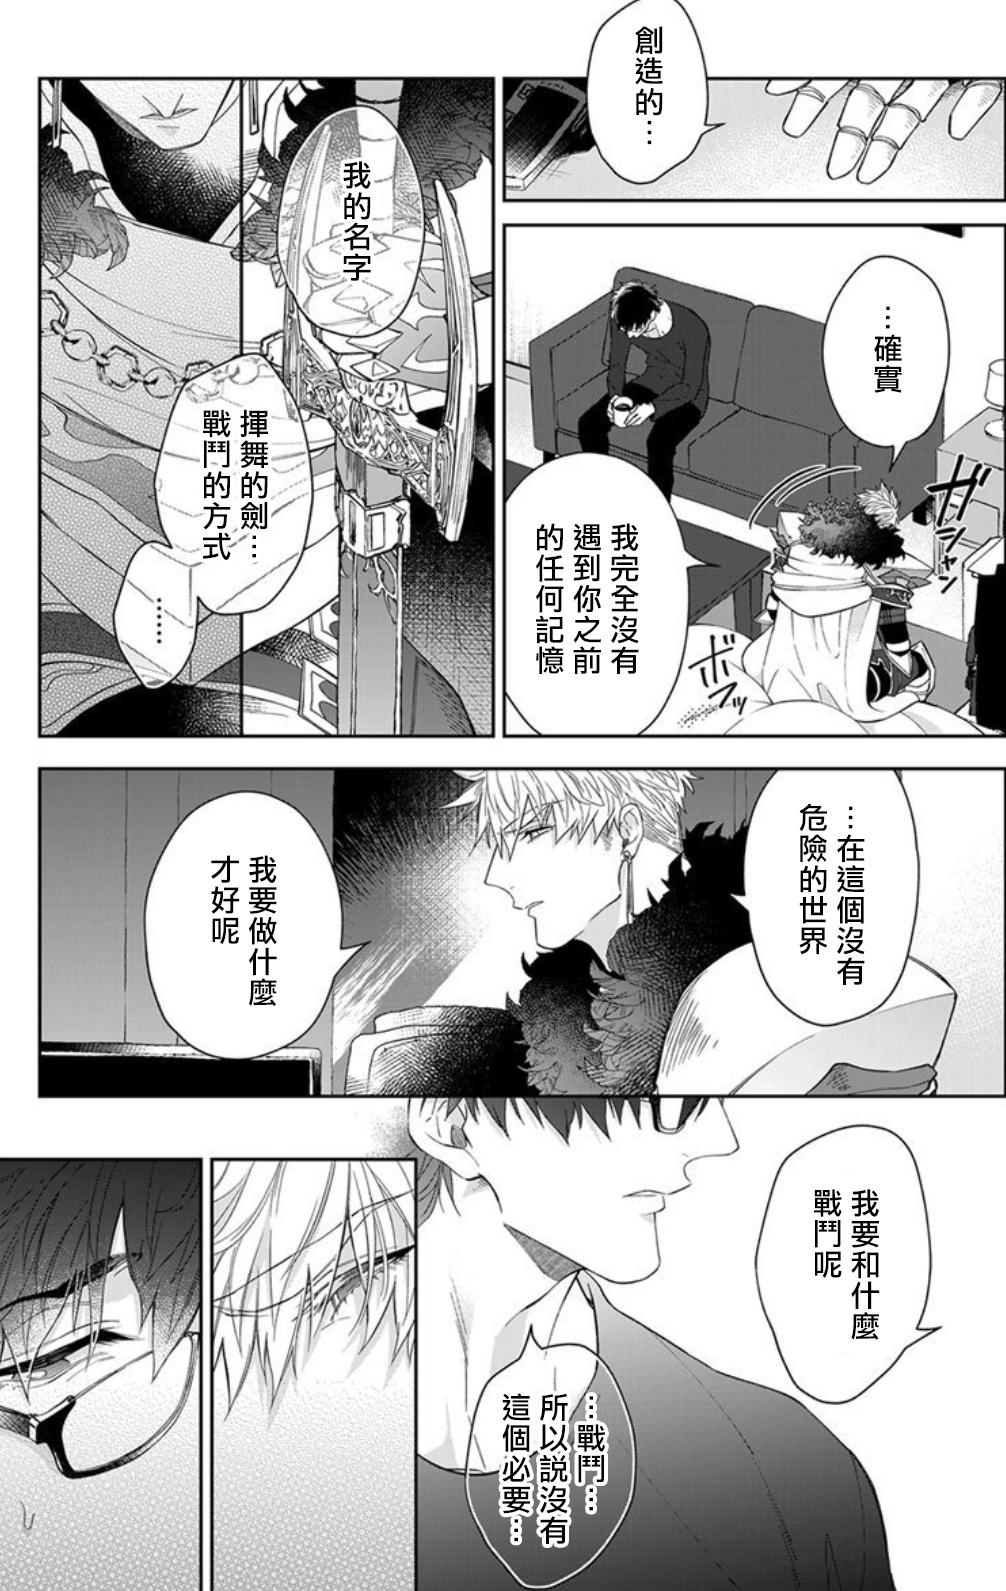 [Akihisa Teo] Kishi-sama (Ikusei-chuu) to Doukyo Shimasu 1.2 [Chinese] [拾荒者汉化组] [Digital] 11